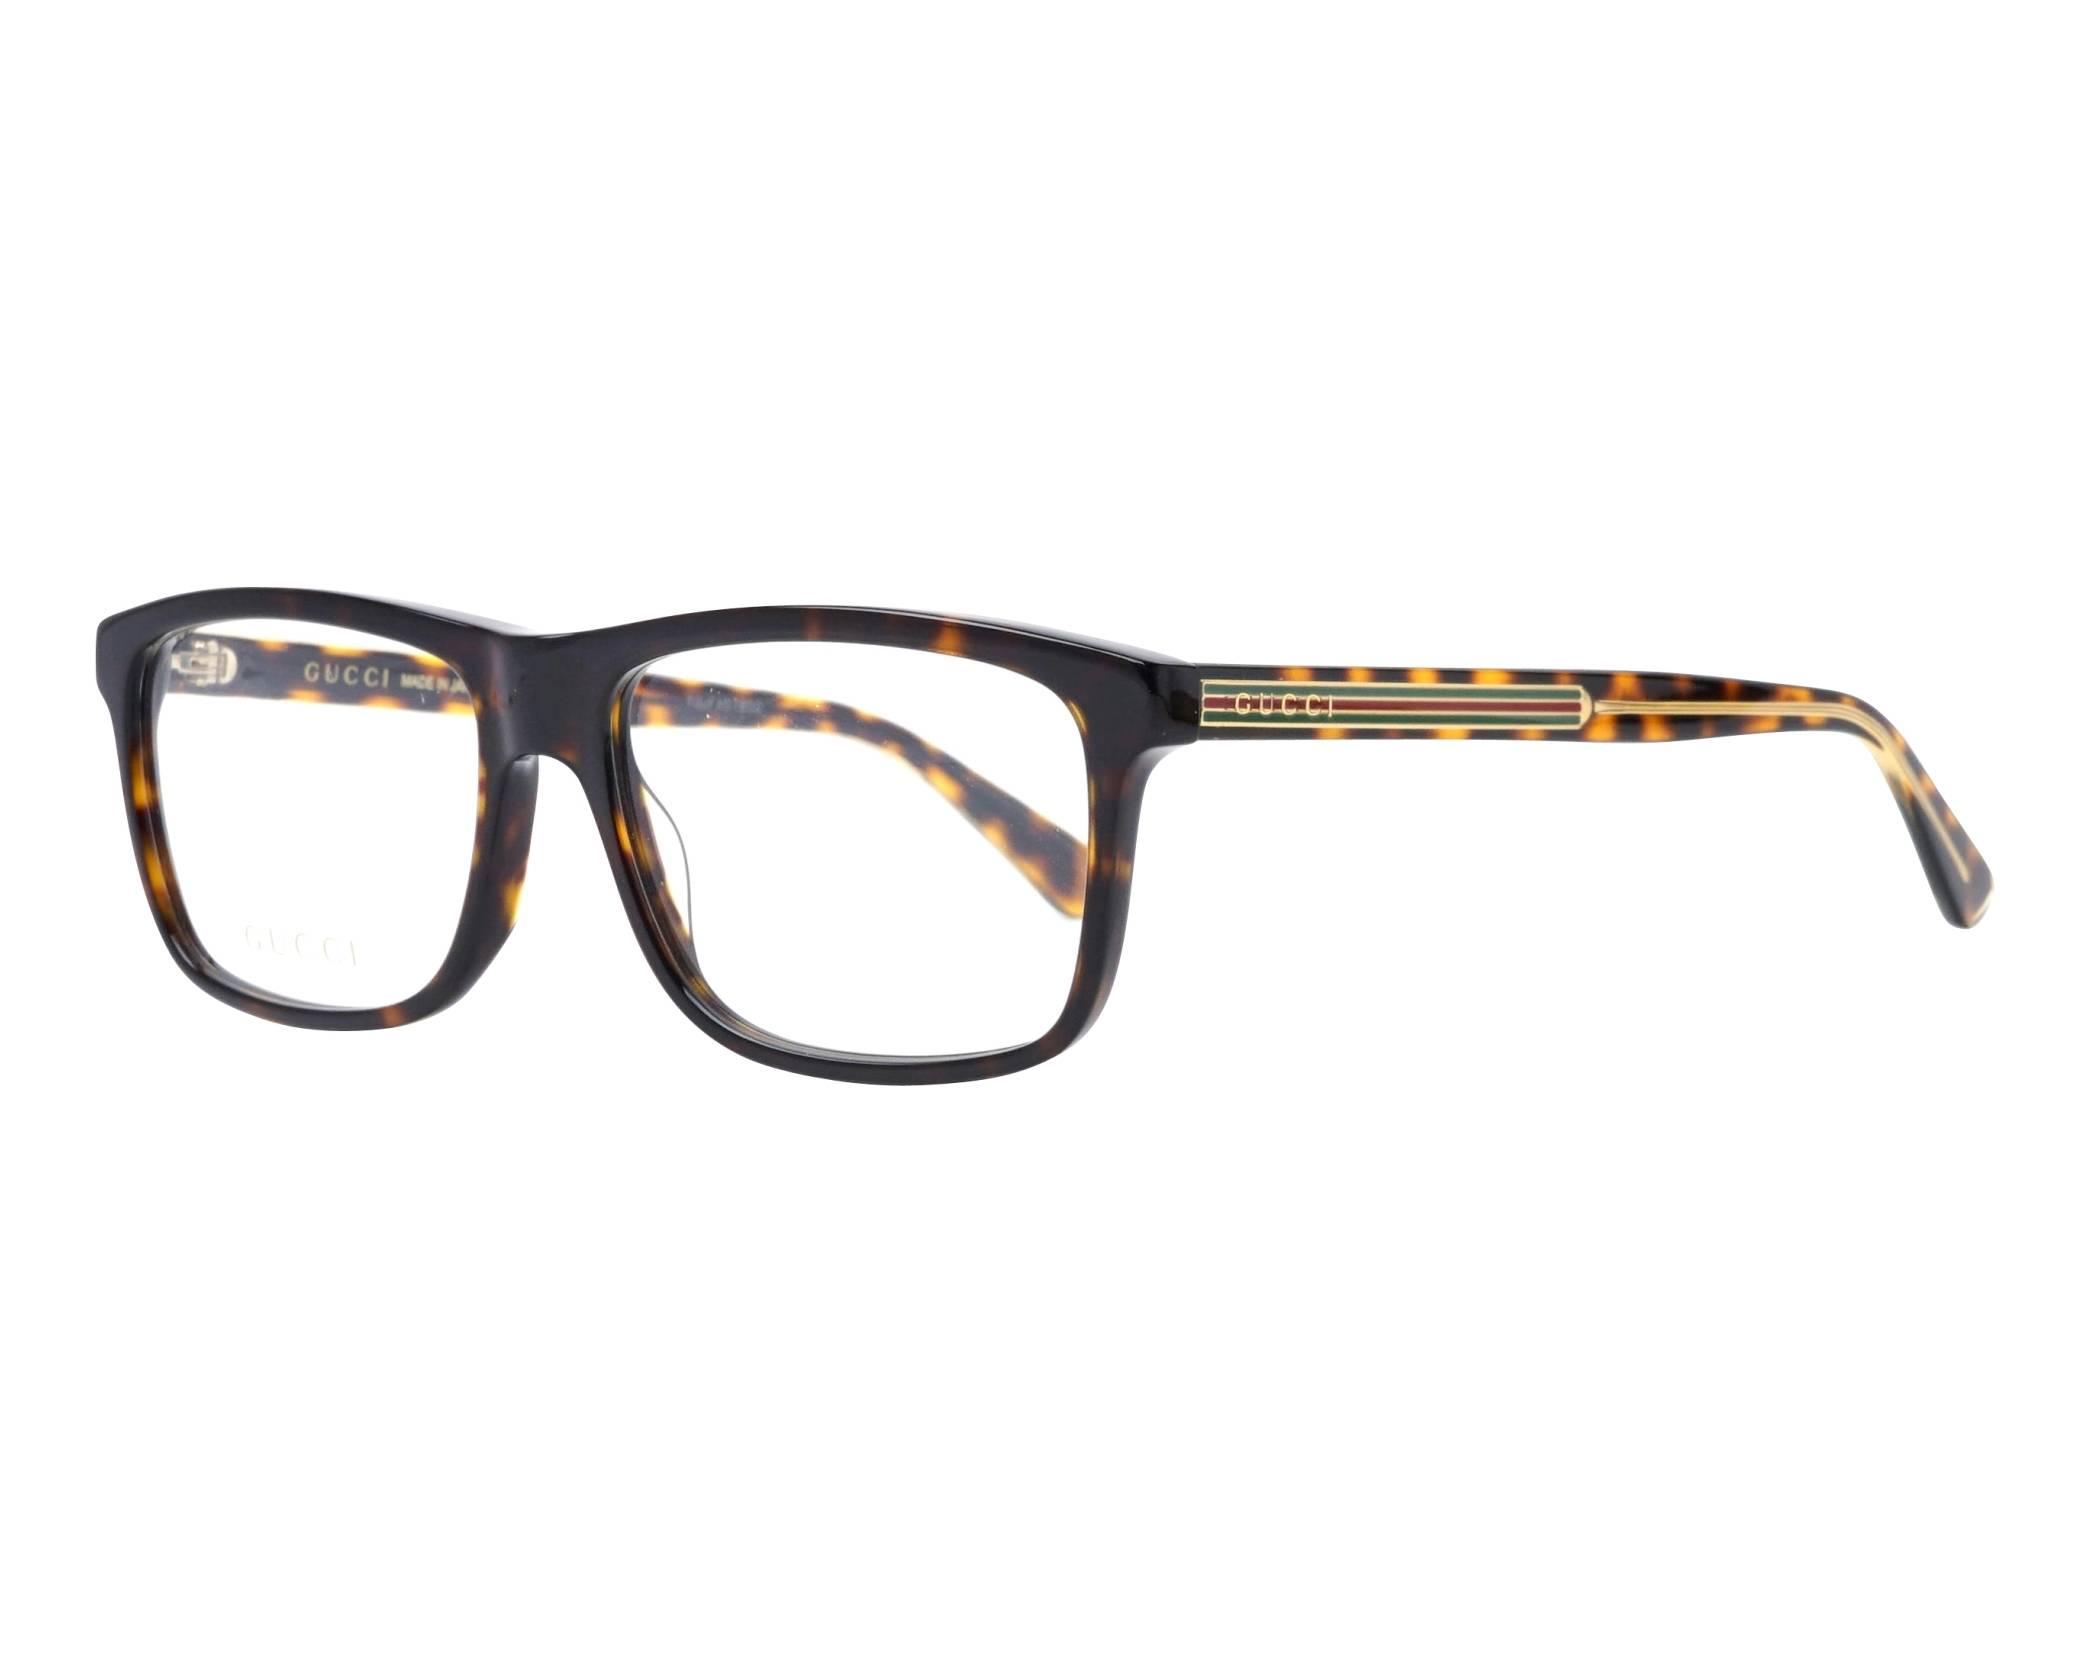 a42e2ad5f51 eyeglasses Gucci GG-0384-O 005 57-16 Havana Gold profile view